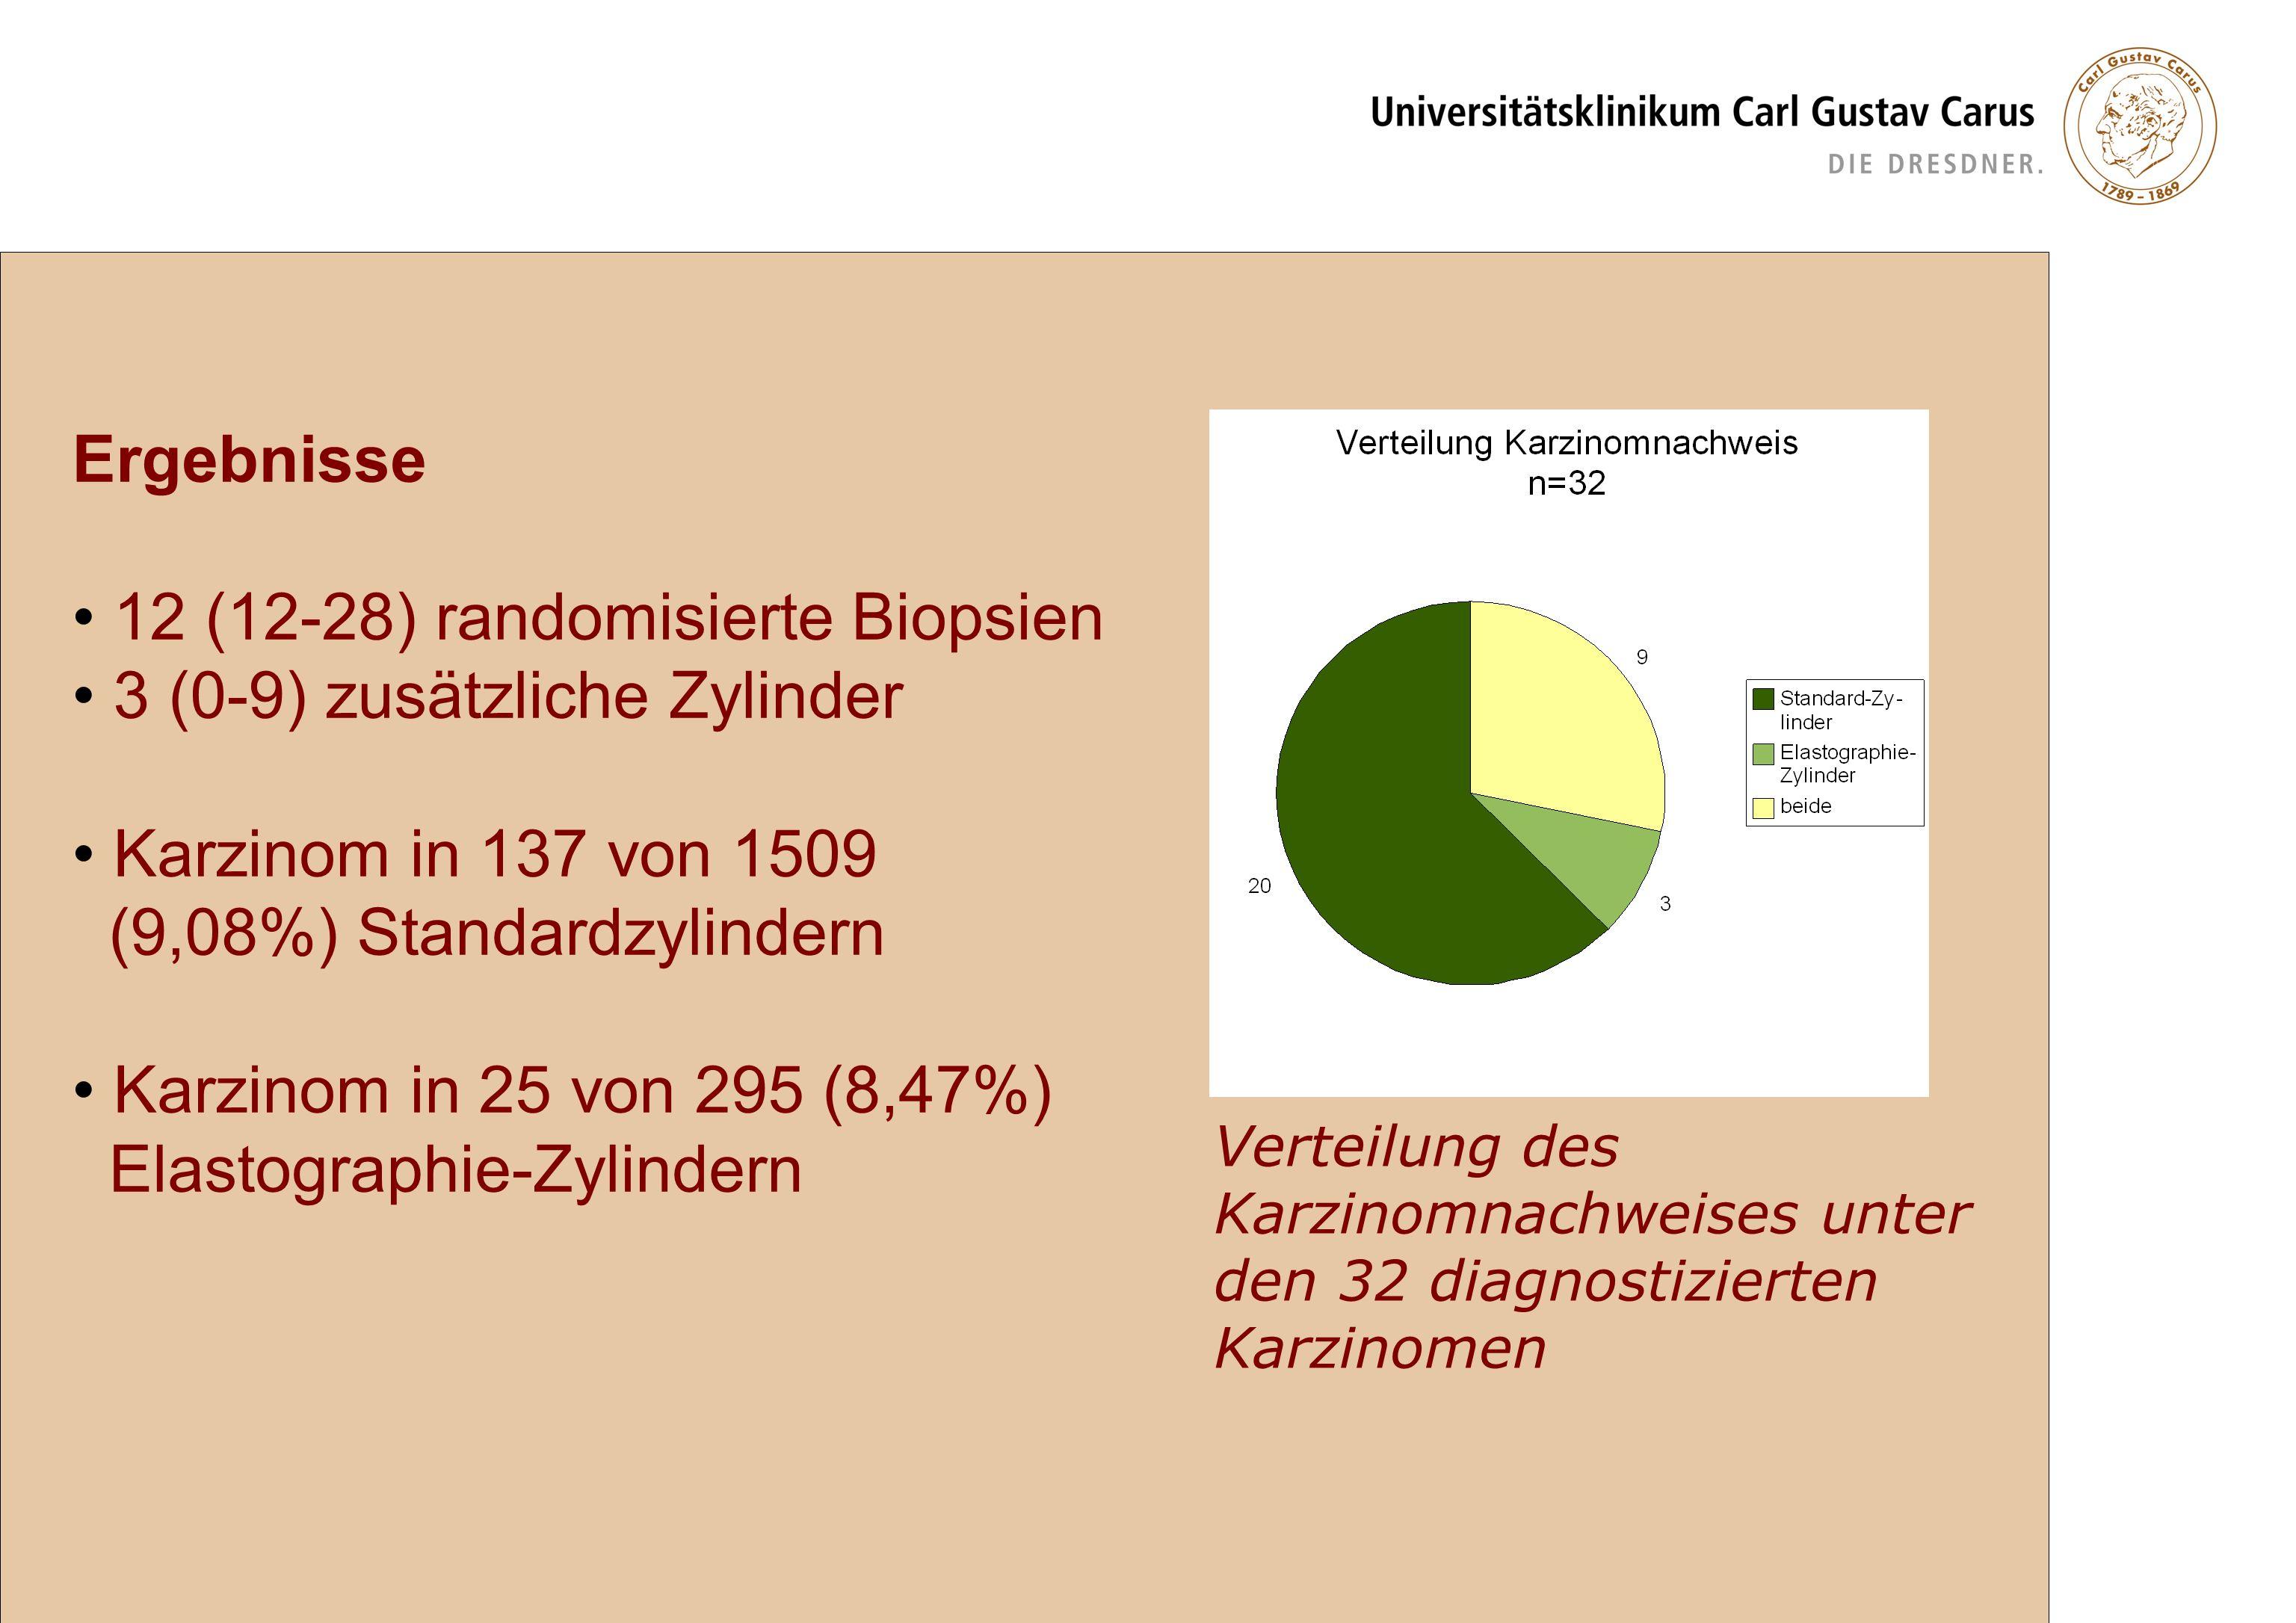 Verteilung des Karzinomnachweises unter den 32 diagnostizierten Karzinomen Ergebnisse 12 (12-28) randomisierte Biopsien 3 (0-9) zusätzliche Zylinder K